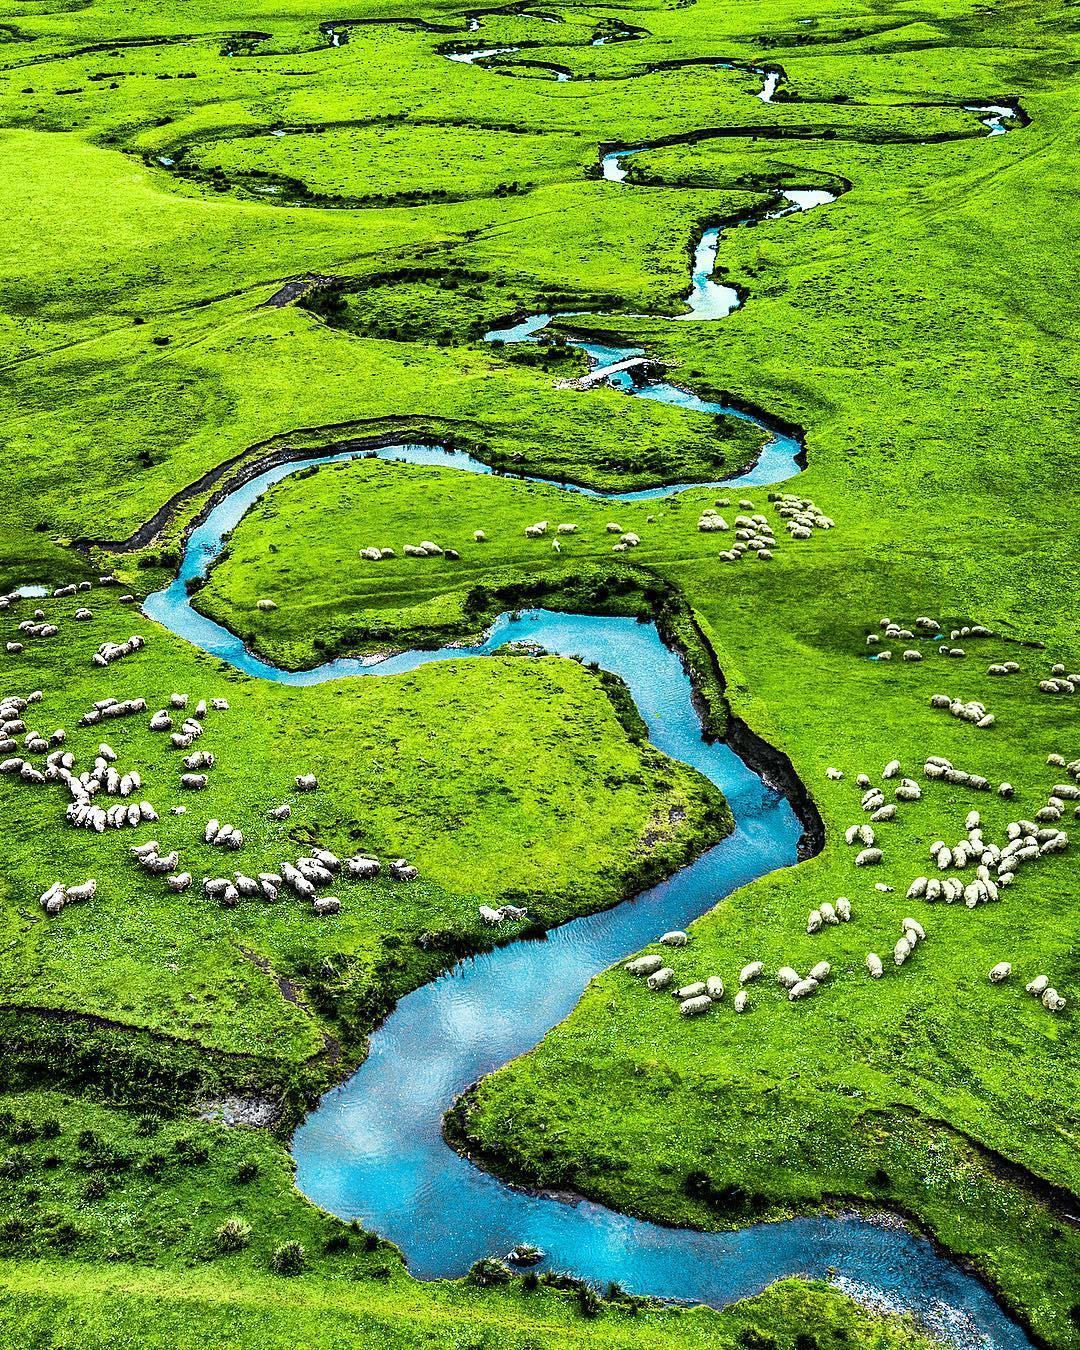 Пейзажи и природа на снимках Кайла Мейлофа